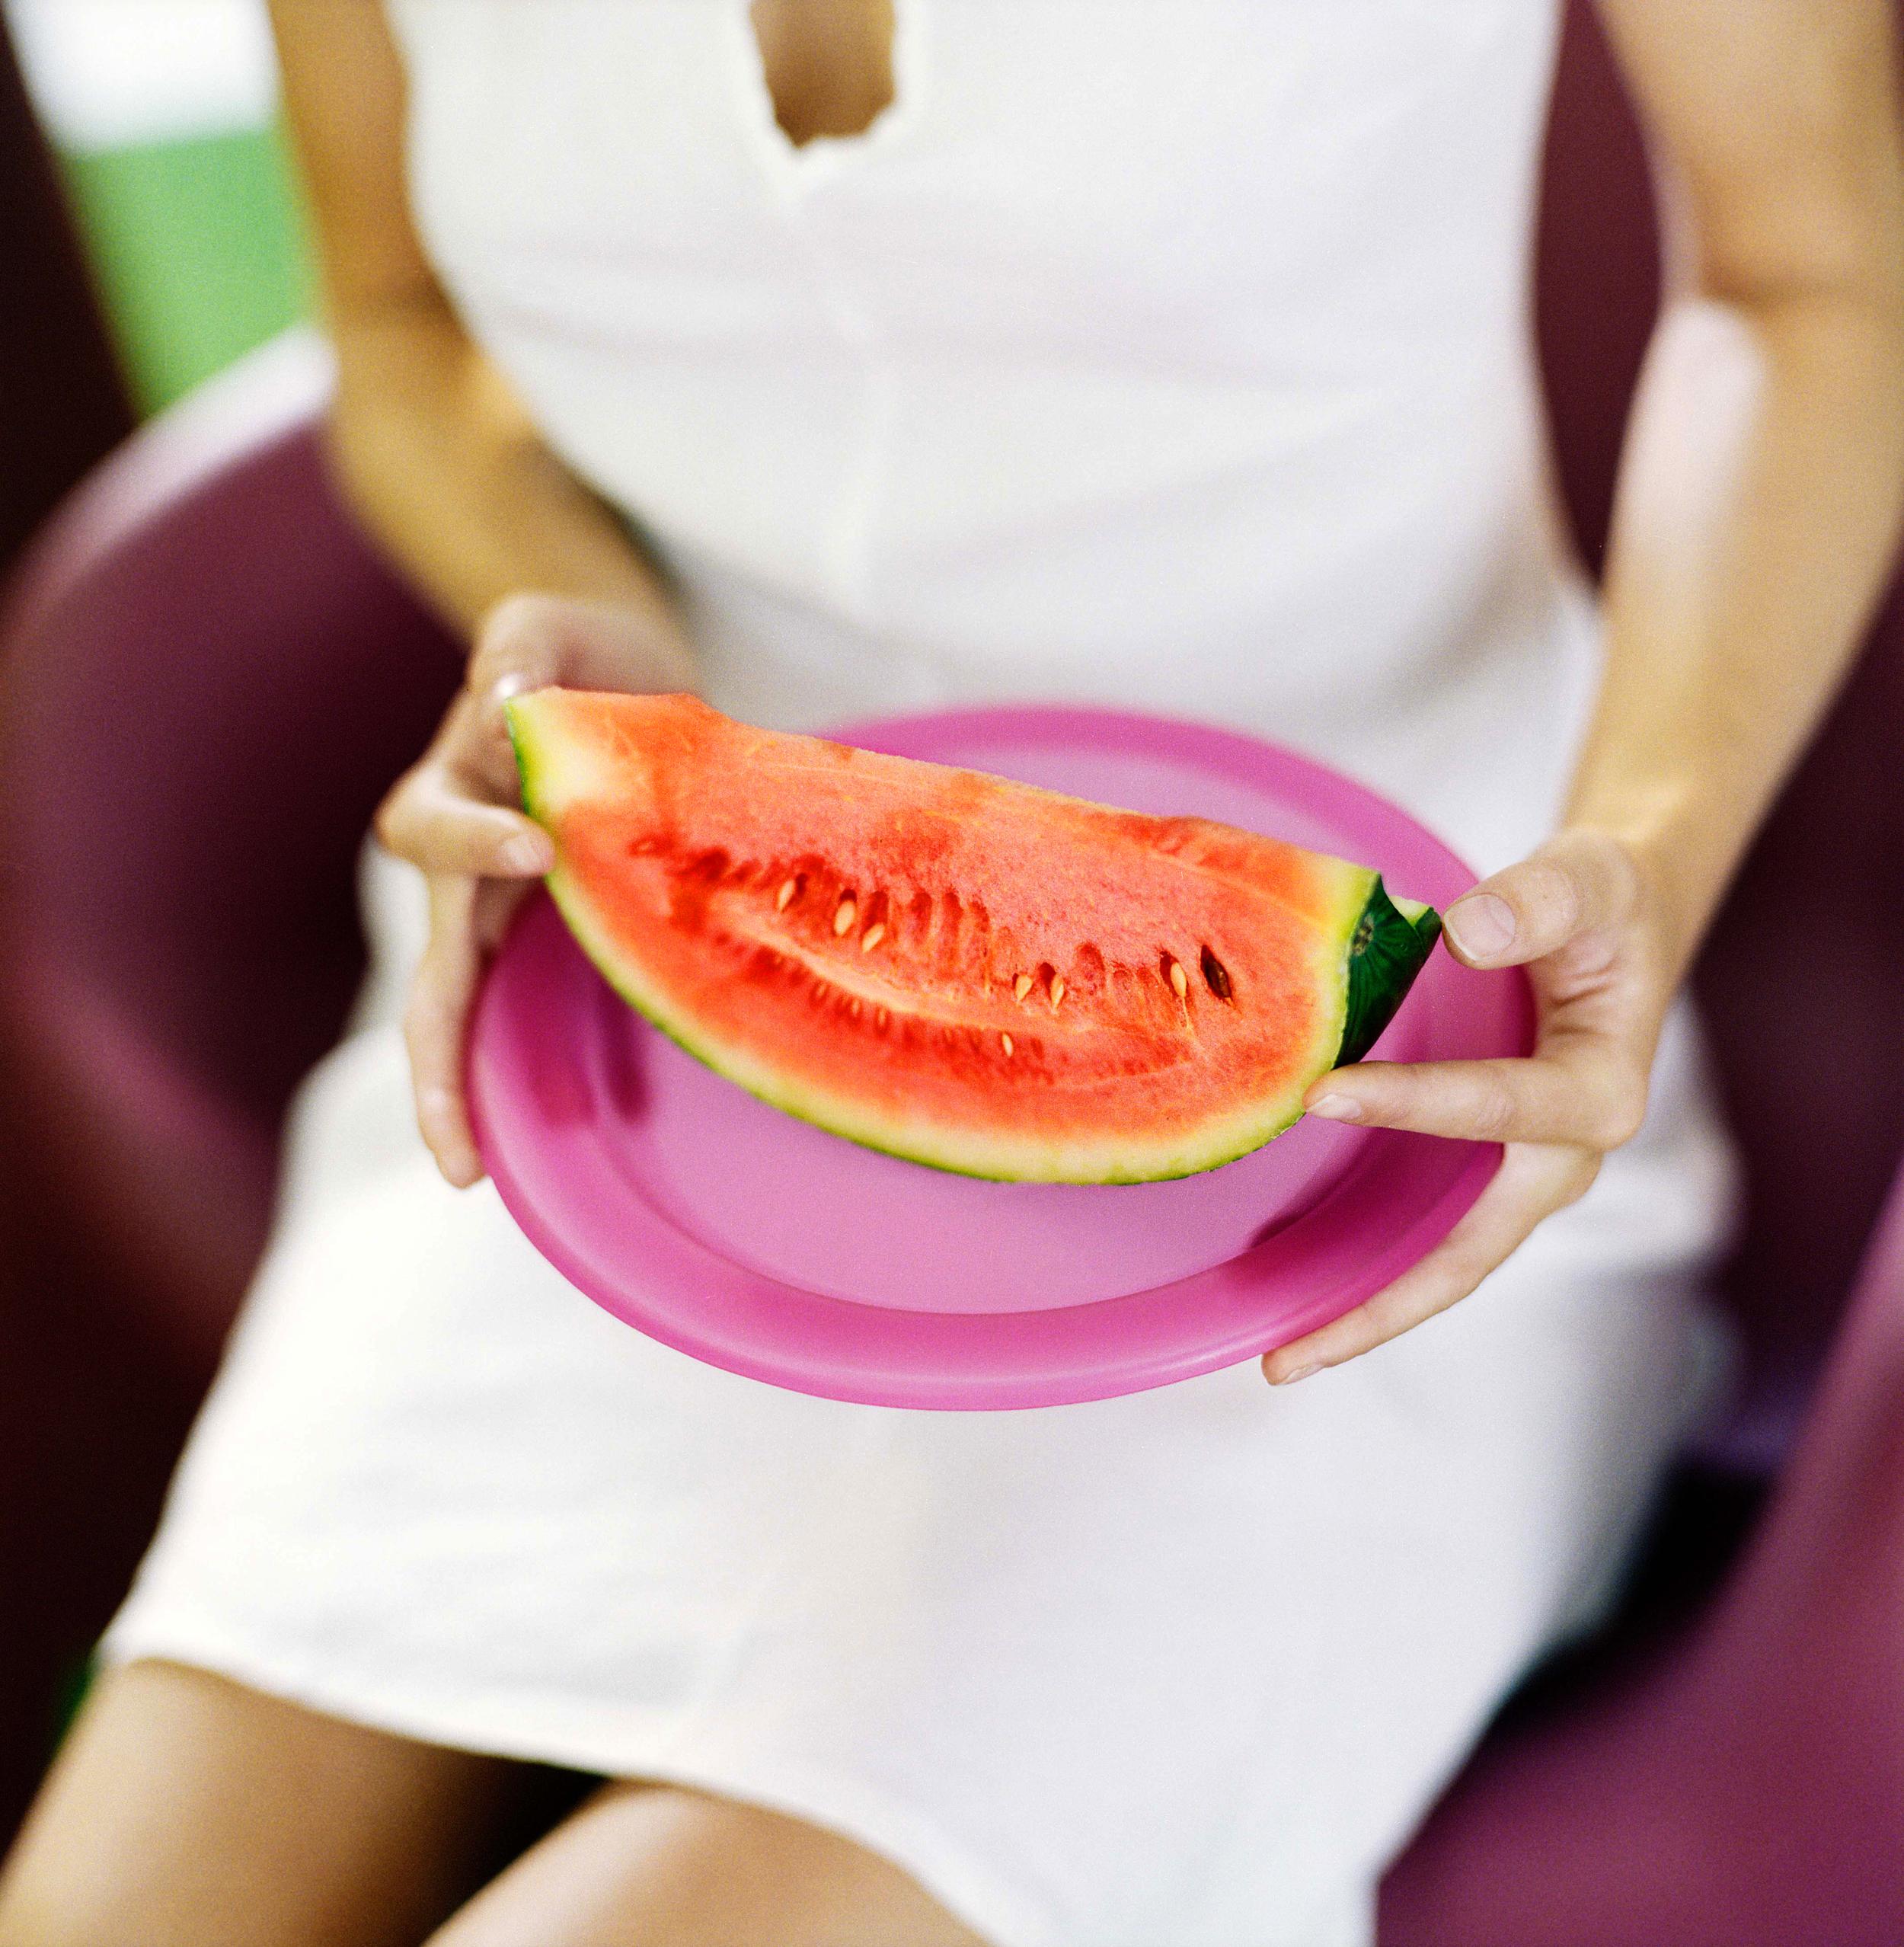 Håller melon-2.jpg